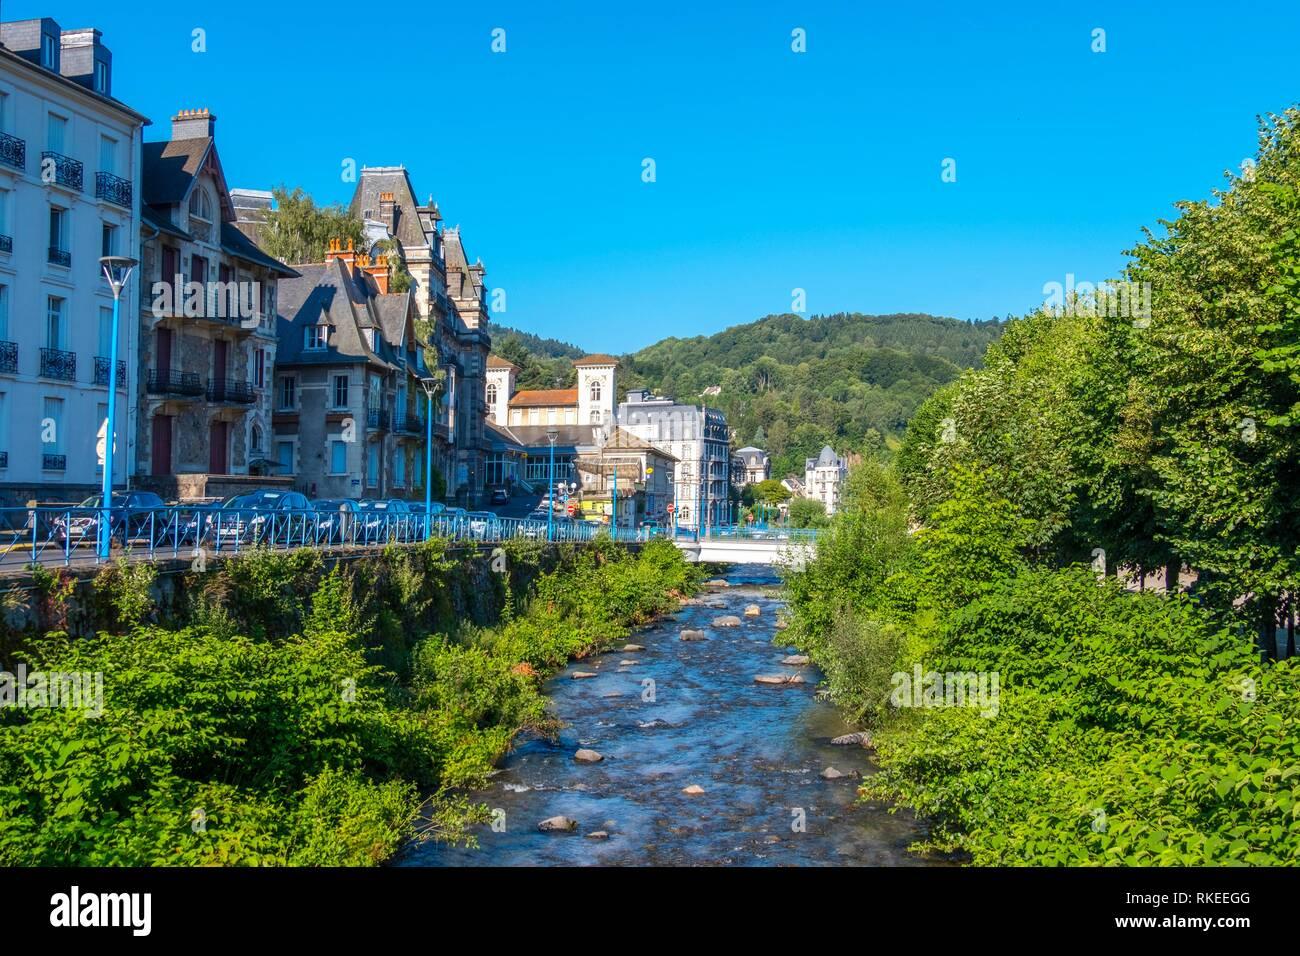 France, Auvergne, Puy de Dôme, Dordogne river at La Bourboule. - Stock Image